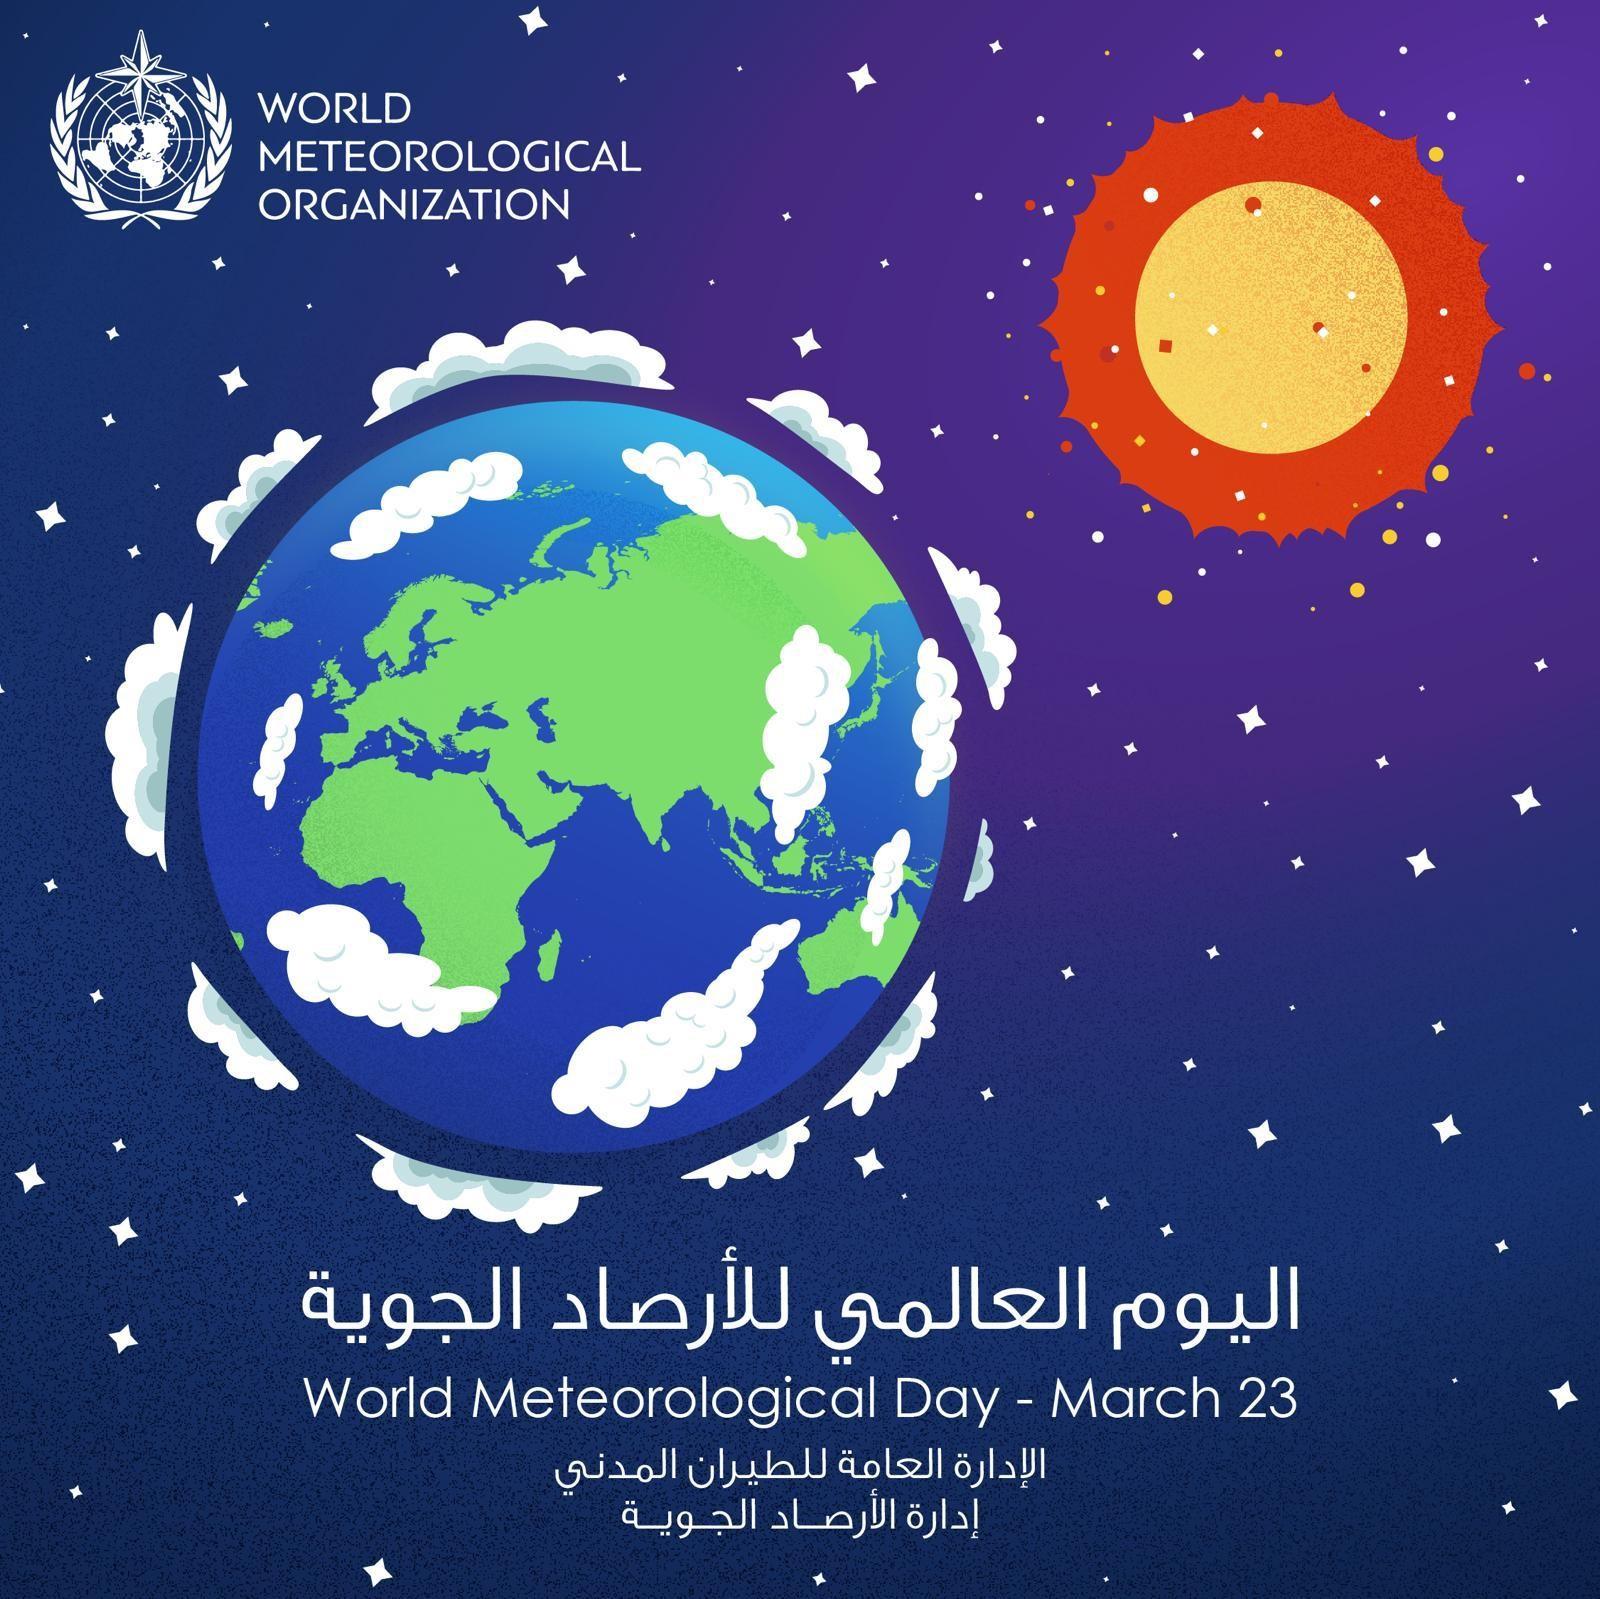 """غدا العالم يحتفل بـ يوم الأرصاد الجوية تحت شعار """" الشمس والأرض والطقس"""""""